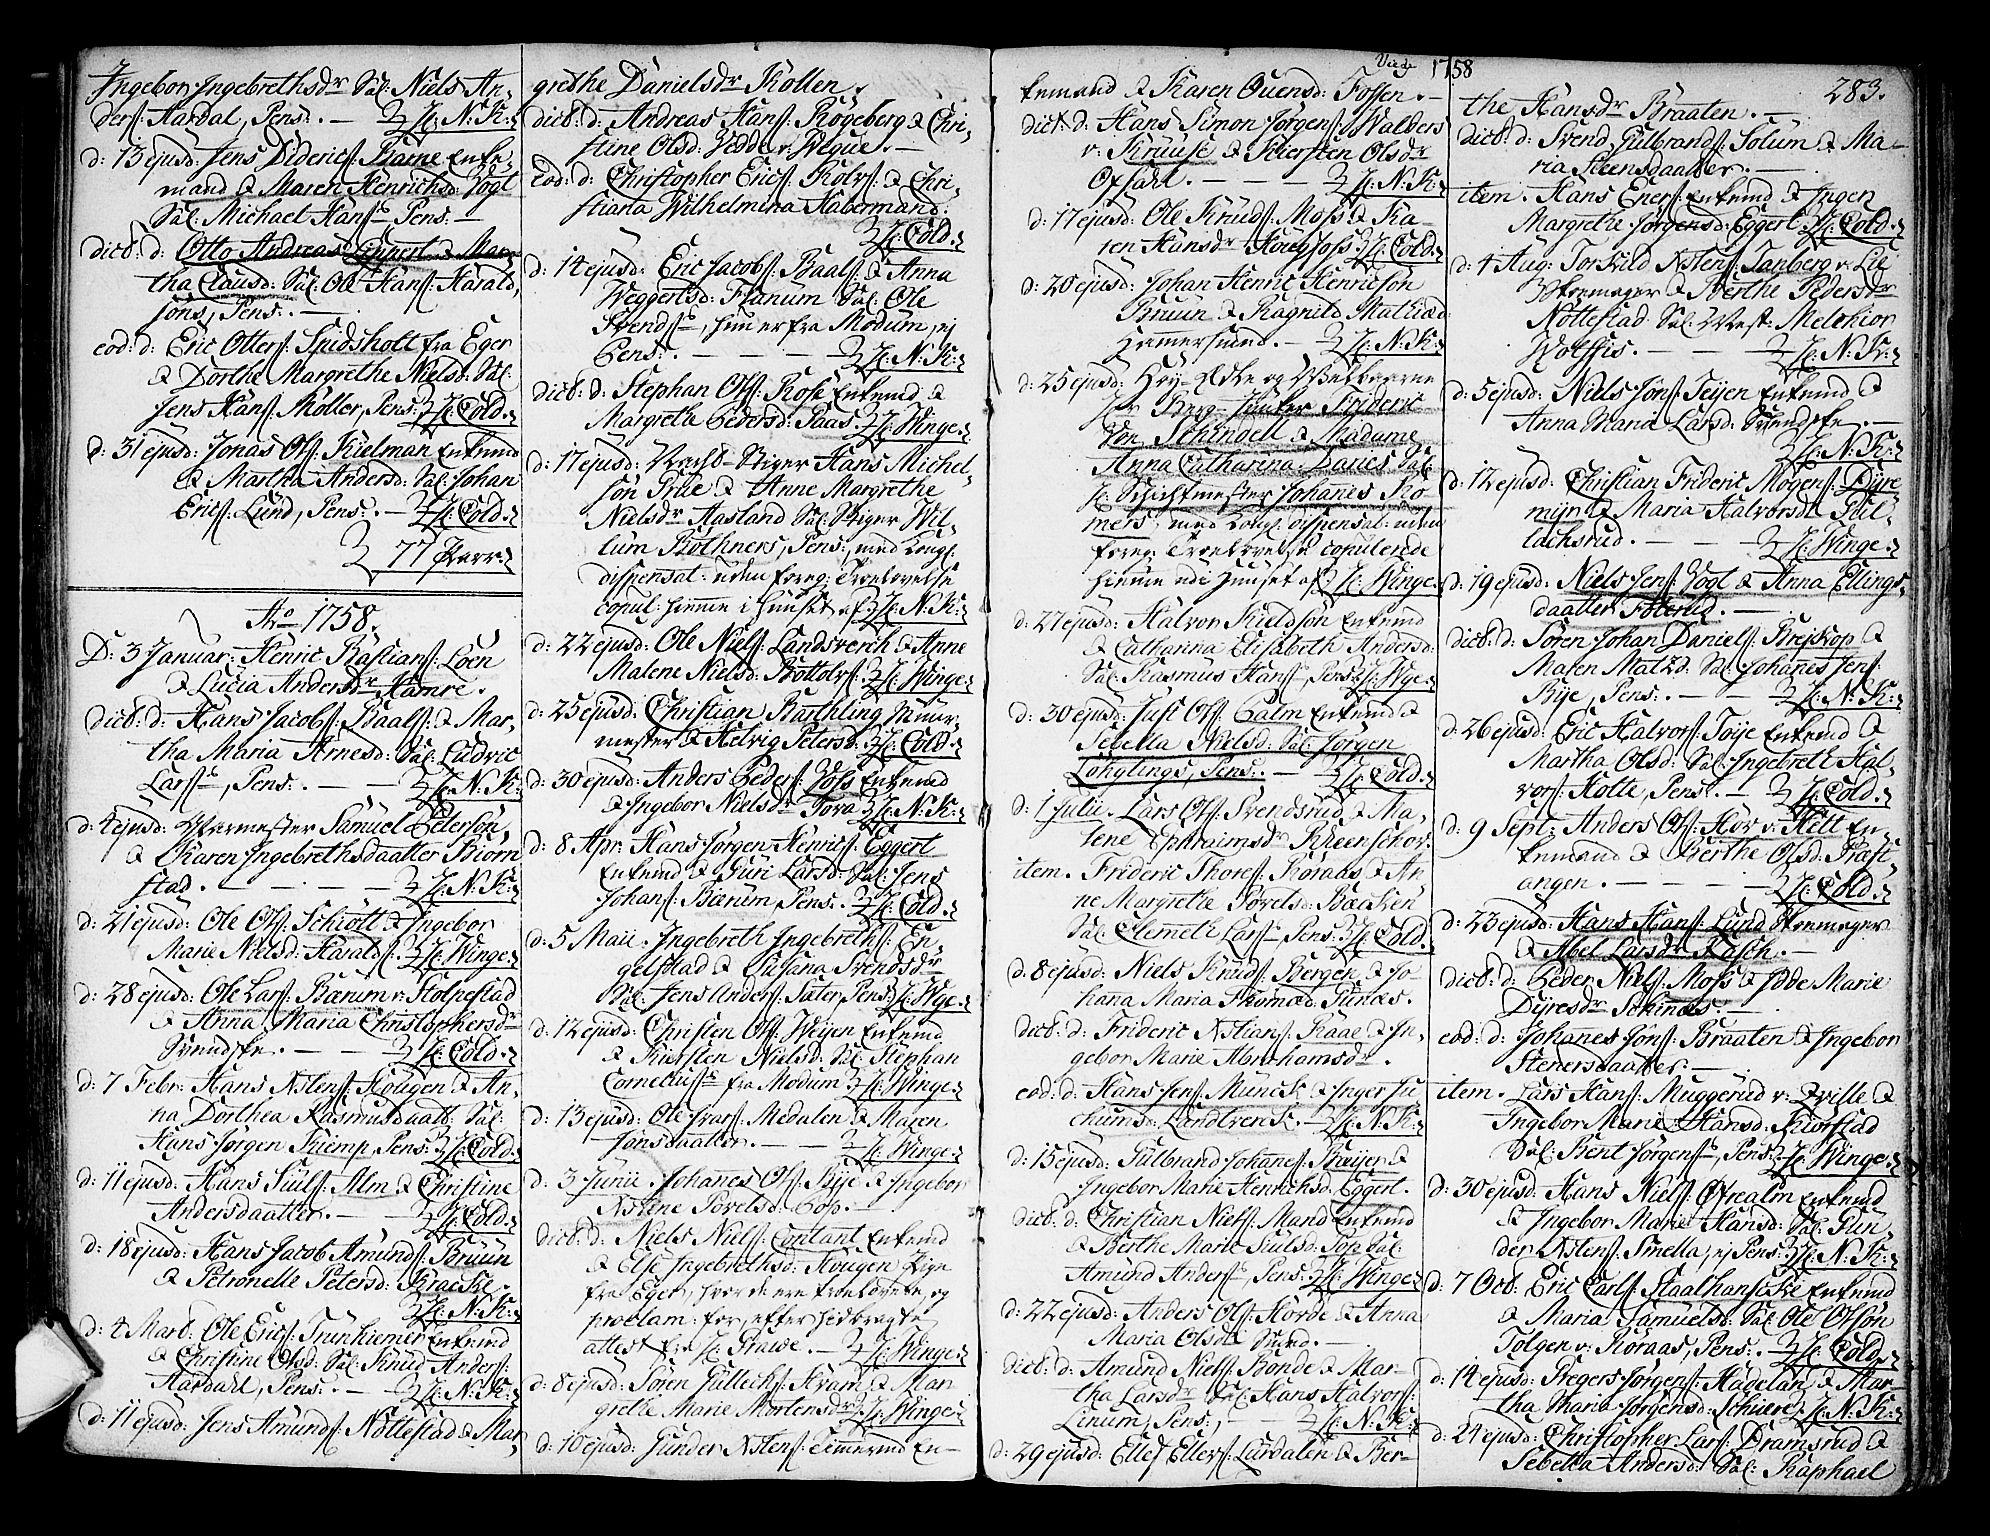 SAKO, Kongsberg kirkebøker, F/Fa/L0004: Ministerialbok nr. I 4, 1756-1768, s. 283